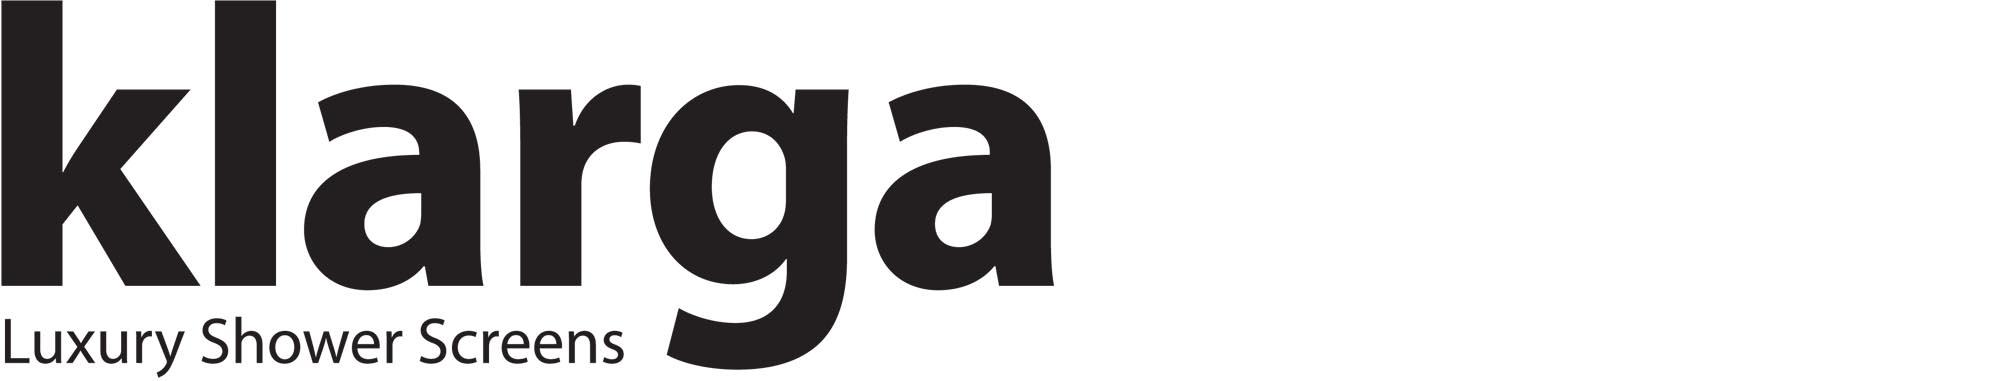 klarga-logo-banner.jpg